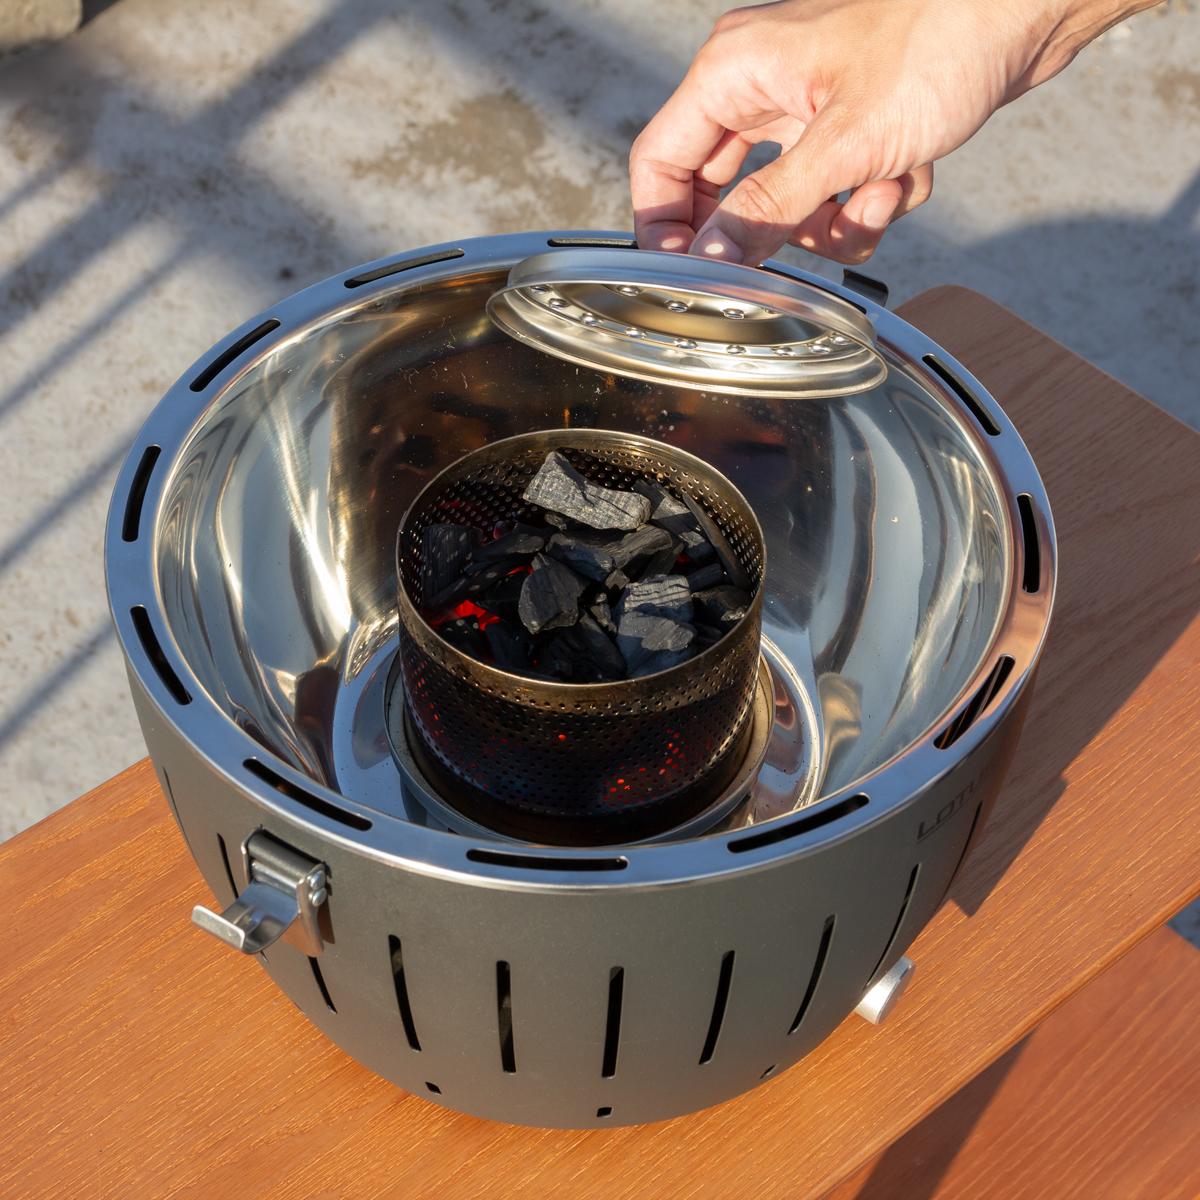 手順3|煙が少ない火力調節ファン付きロースターで、大人の気楽なBBQができる「炭火焼グリル」(一人キャンプ、ソロBBQに)|Lotus Grill